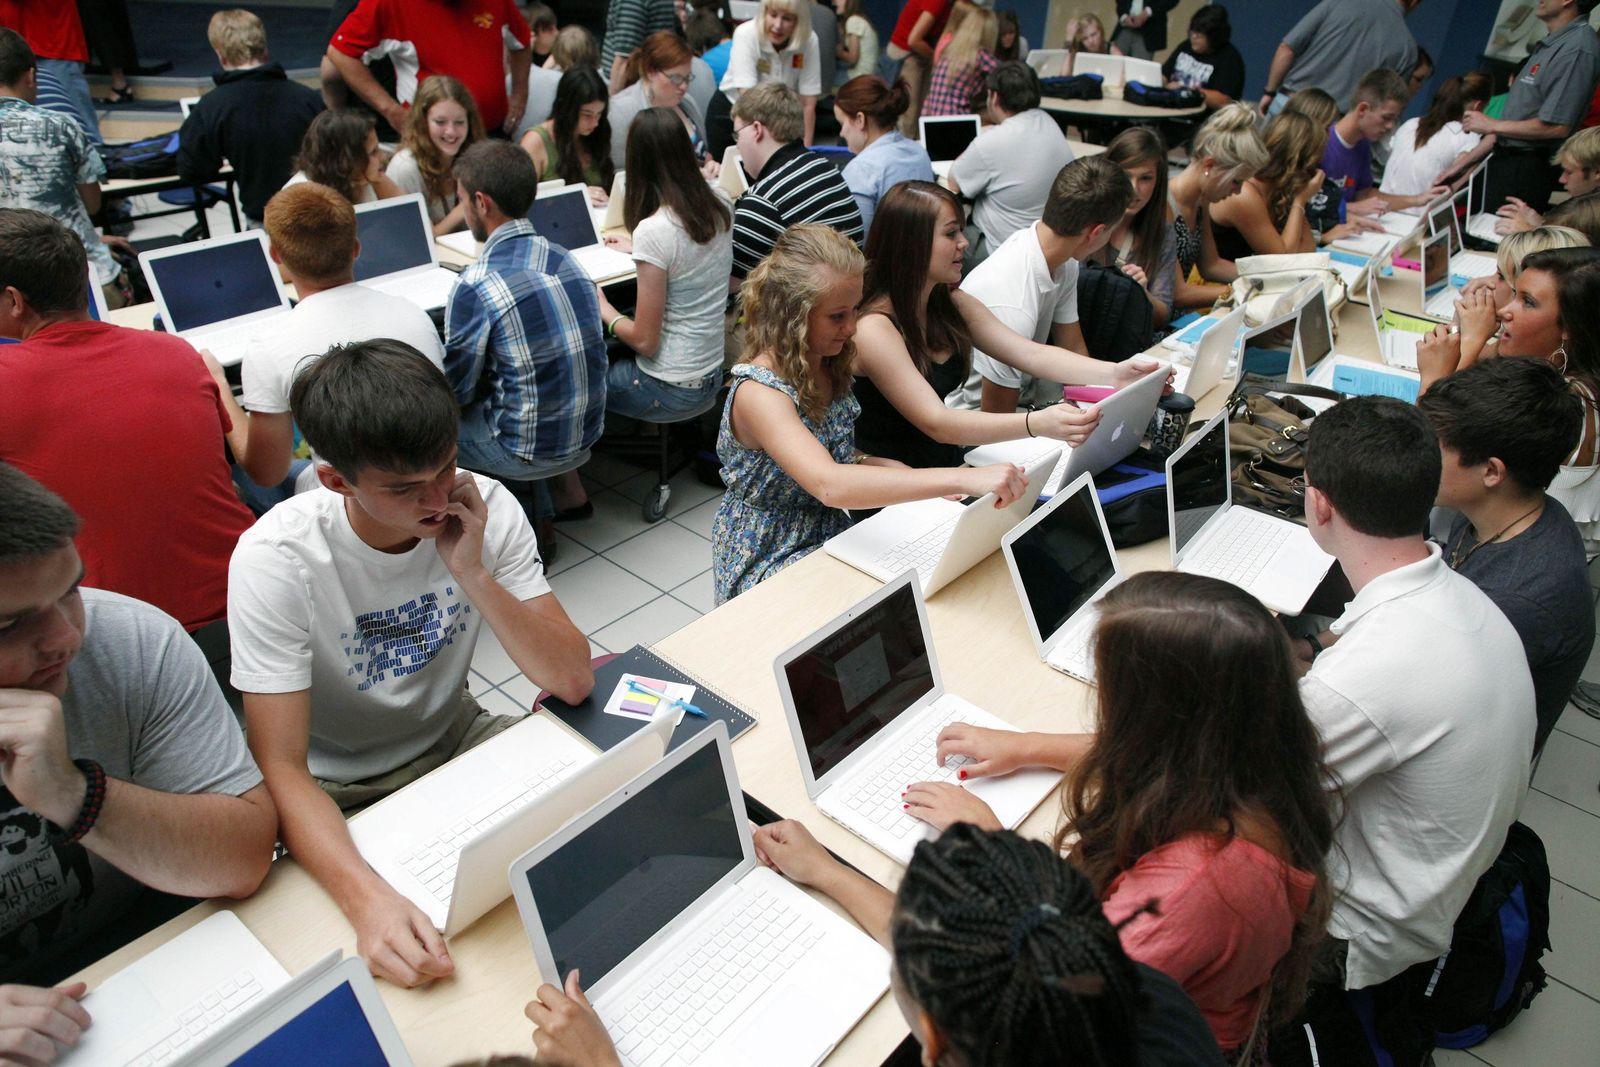 USA / Schüler / Laptop